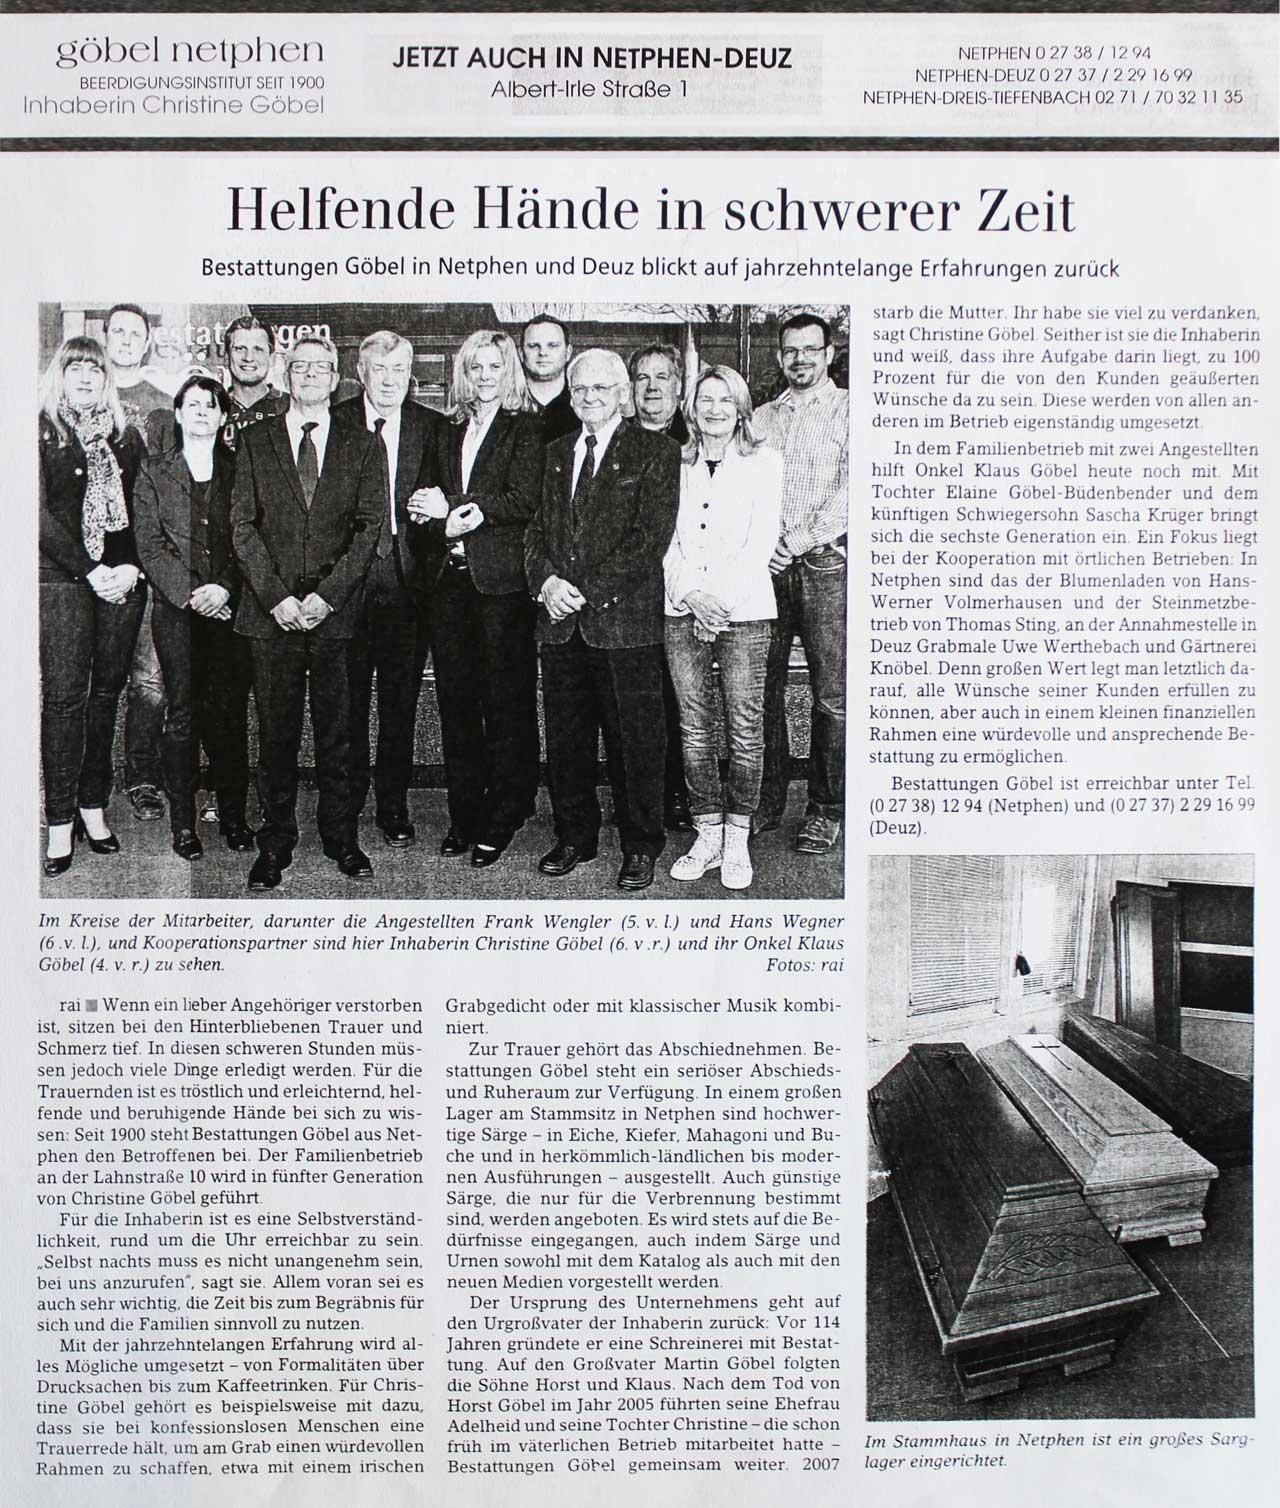 Göbel Bestattungen Artikel in der Siegenerr Zeitung